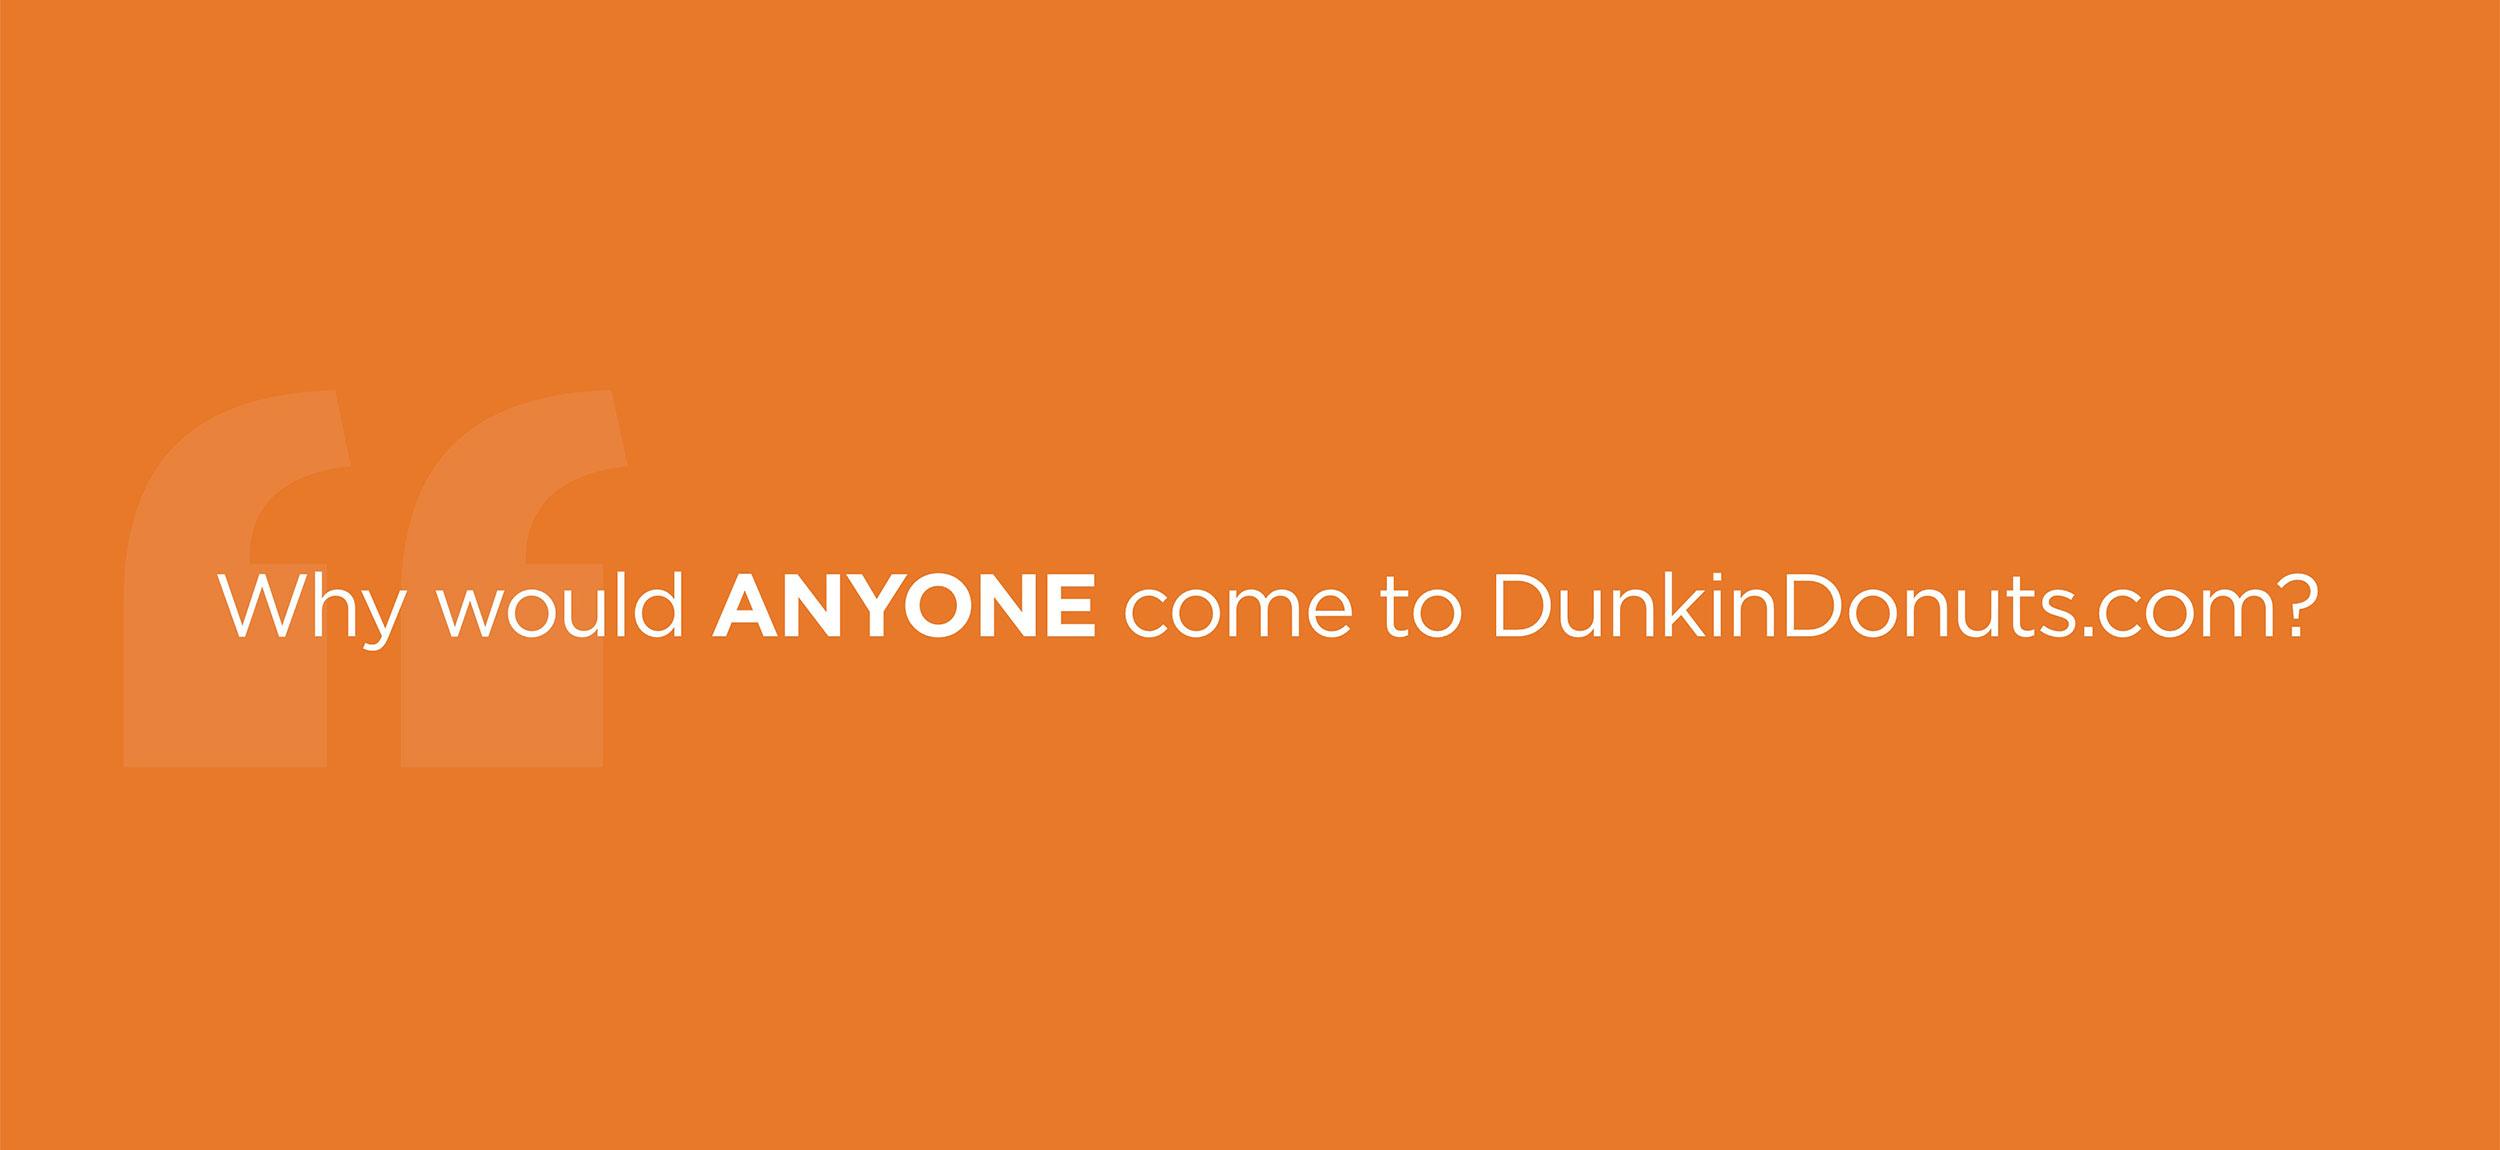 dunkin-question.jpg